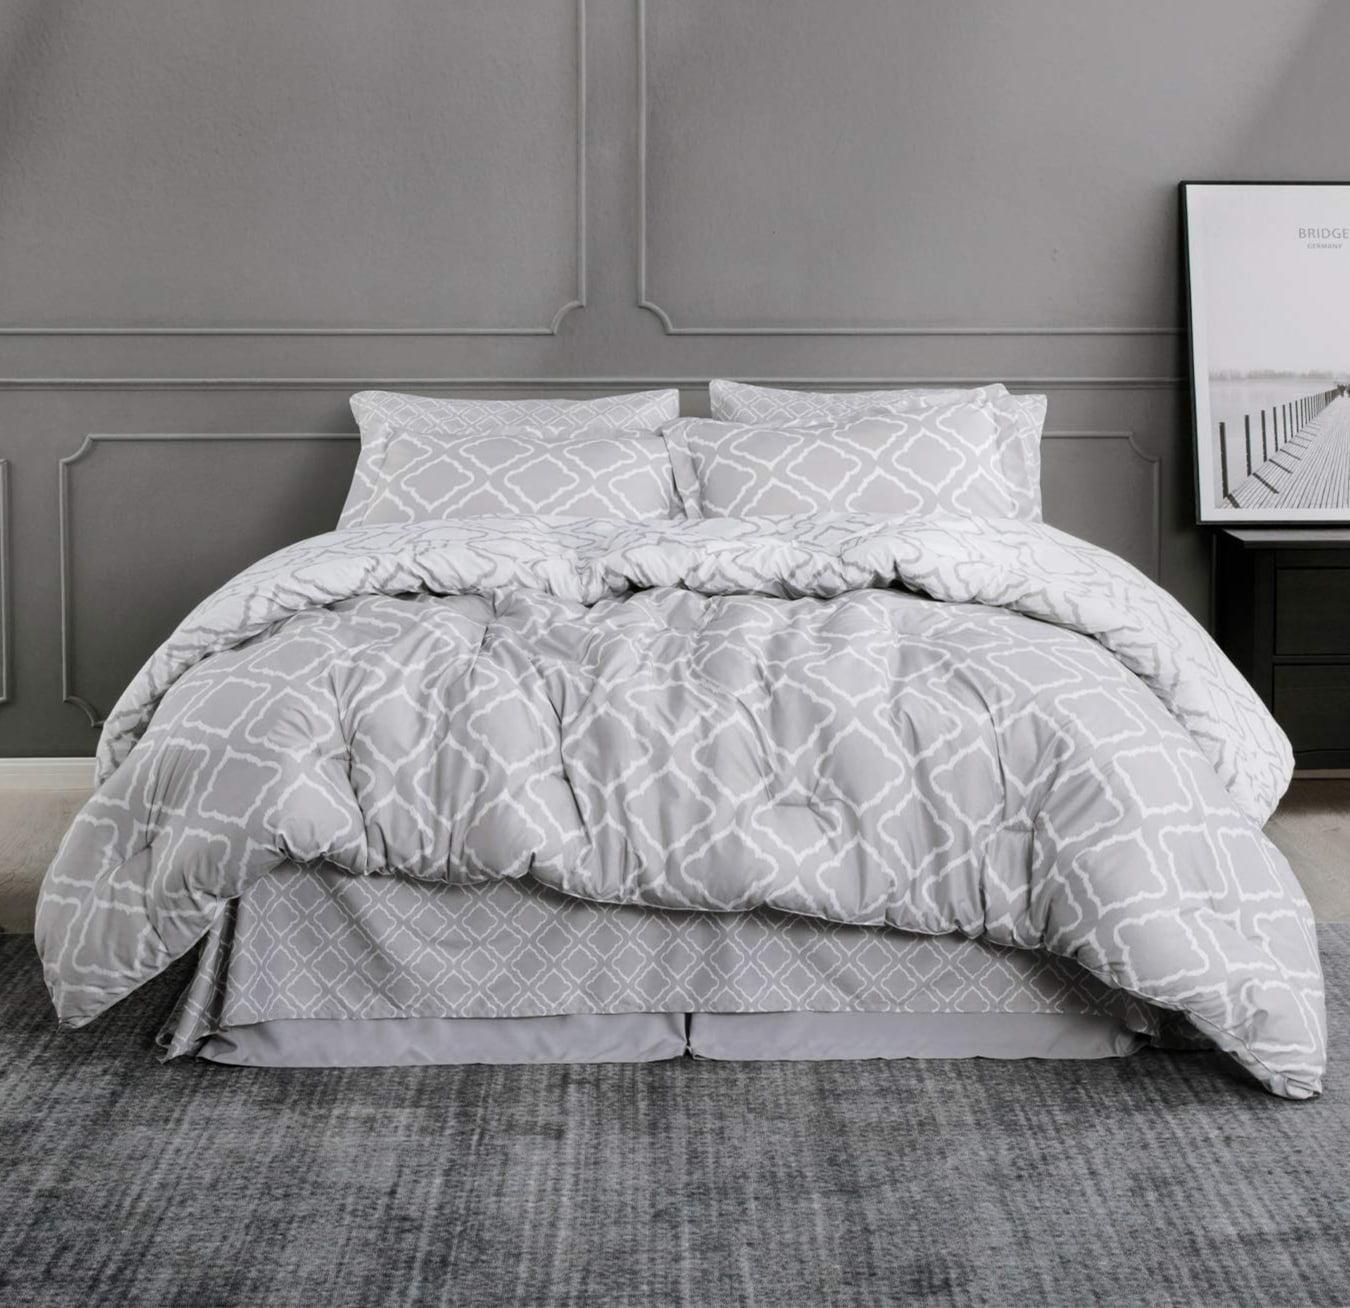 8 Pieces Bed In A Bag Queen Size Gray All Season Quatrefoil Pattern Bed Comforter Set 1 Comforter 2 Pillow Shams 1 Flat Sheet 1 Fitted Sheet 1 Bed Skirt 2 Pillowcases Walmart Com Walmart Com